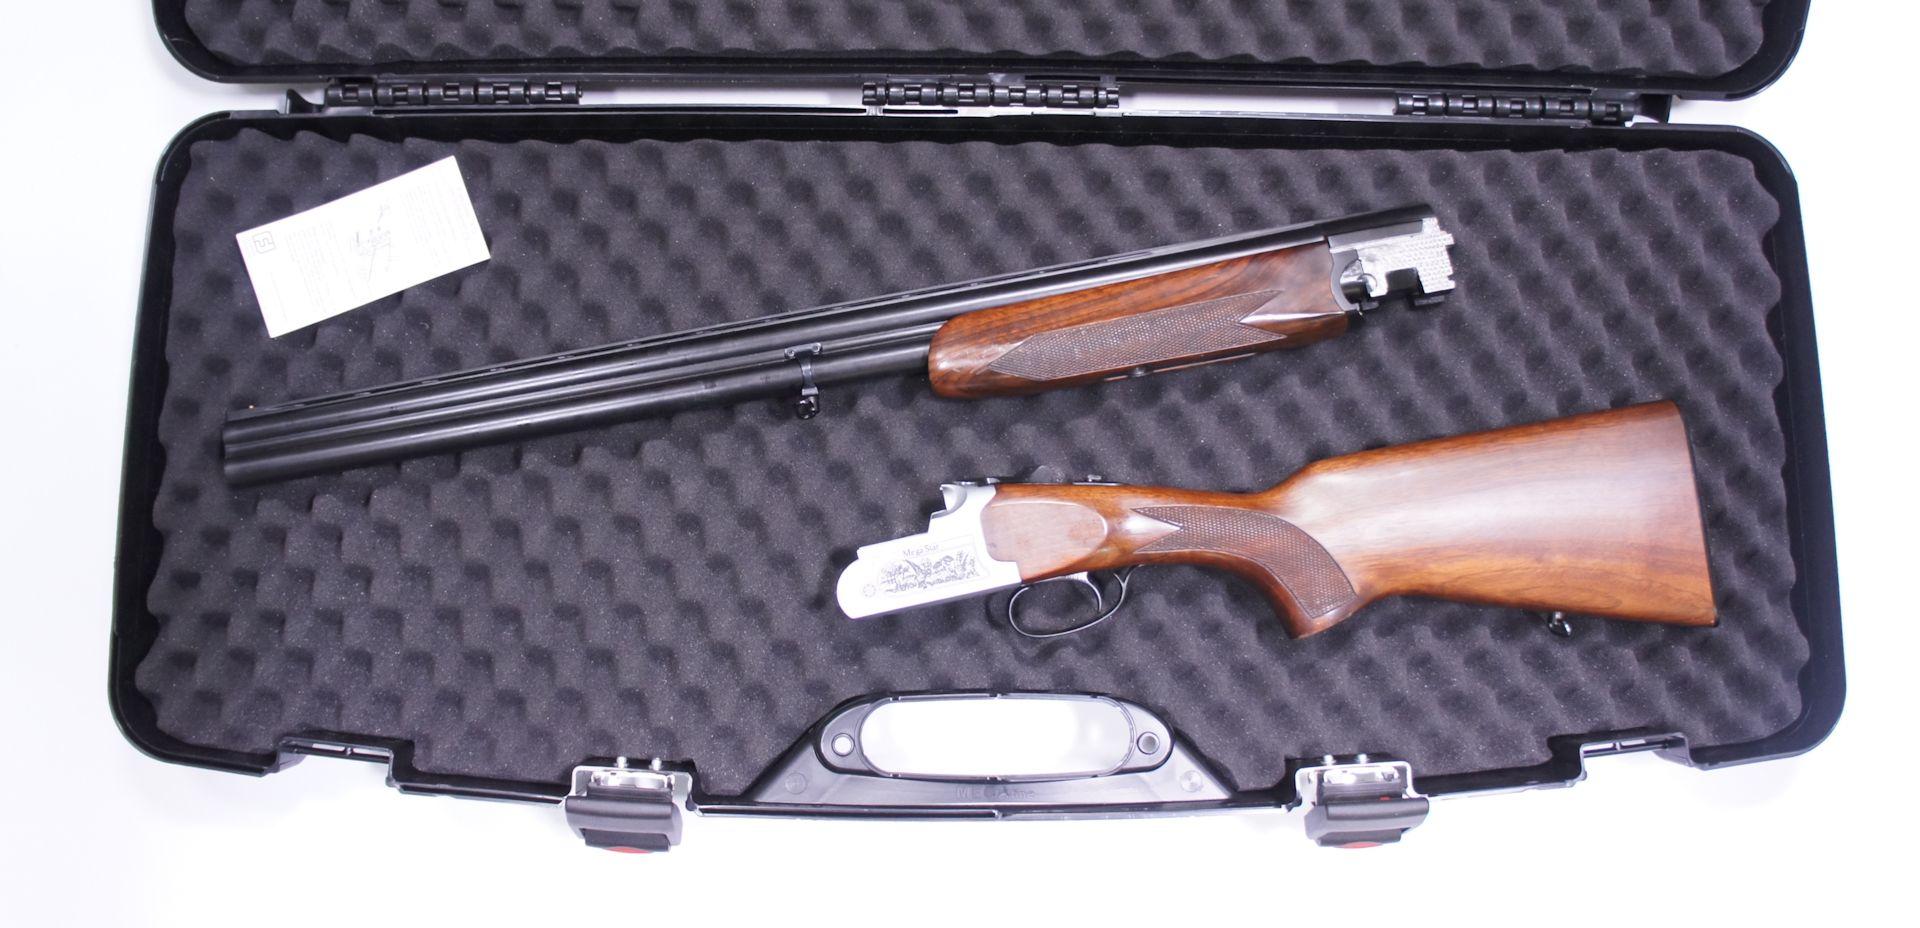 Anwendungsbeispiel vom kurzen Gewehrkoffer mit zerlegter Flinte